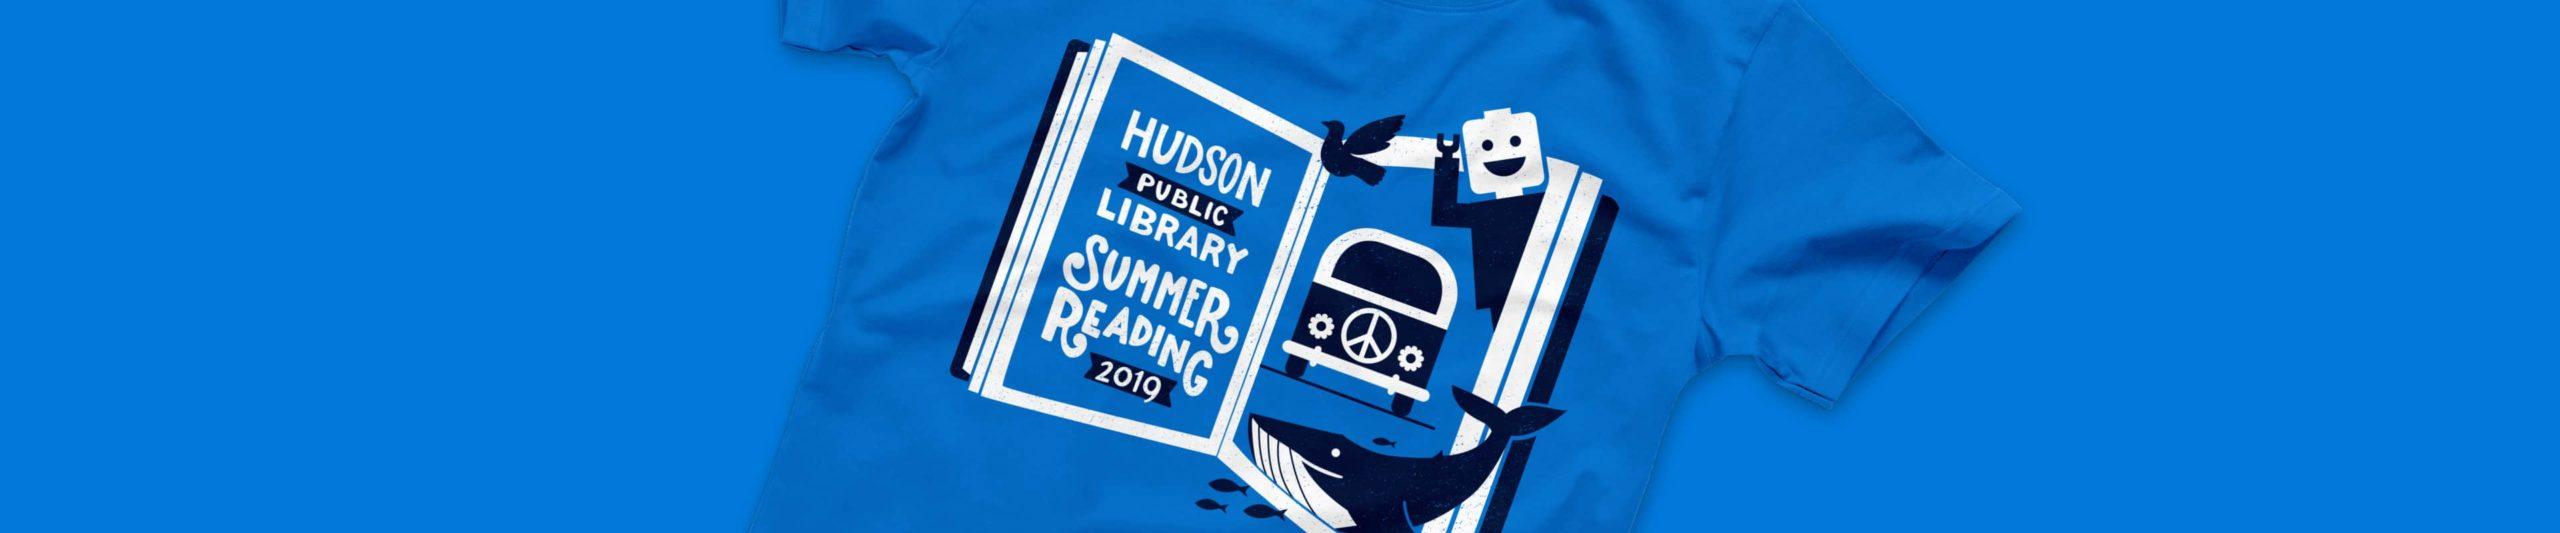 hpl-shirt-hero